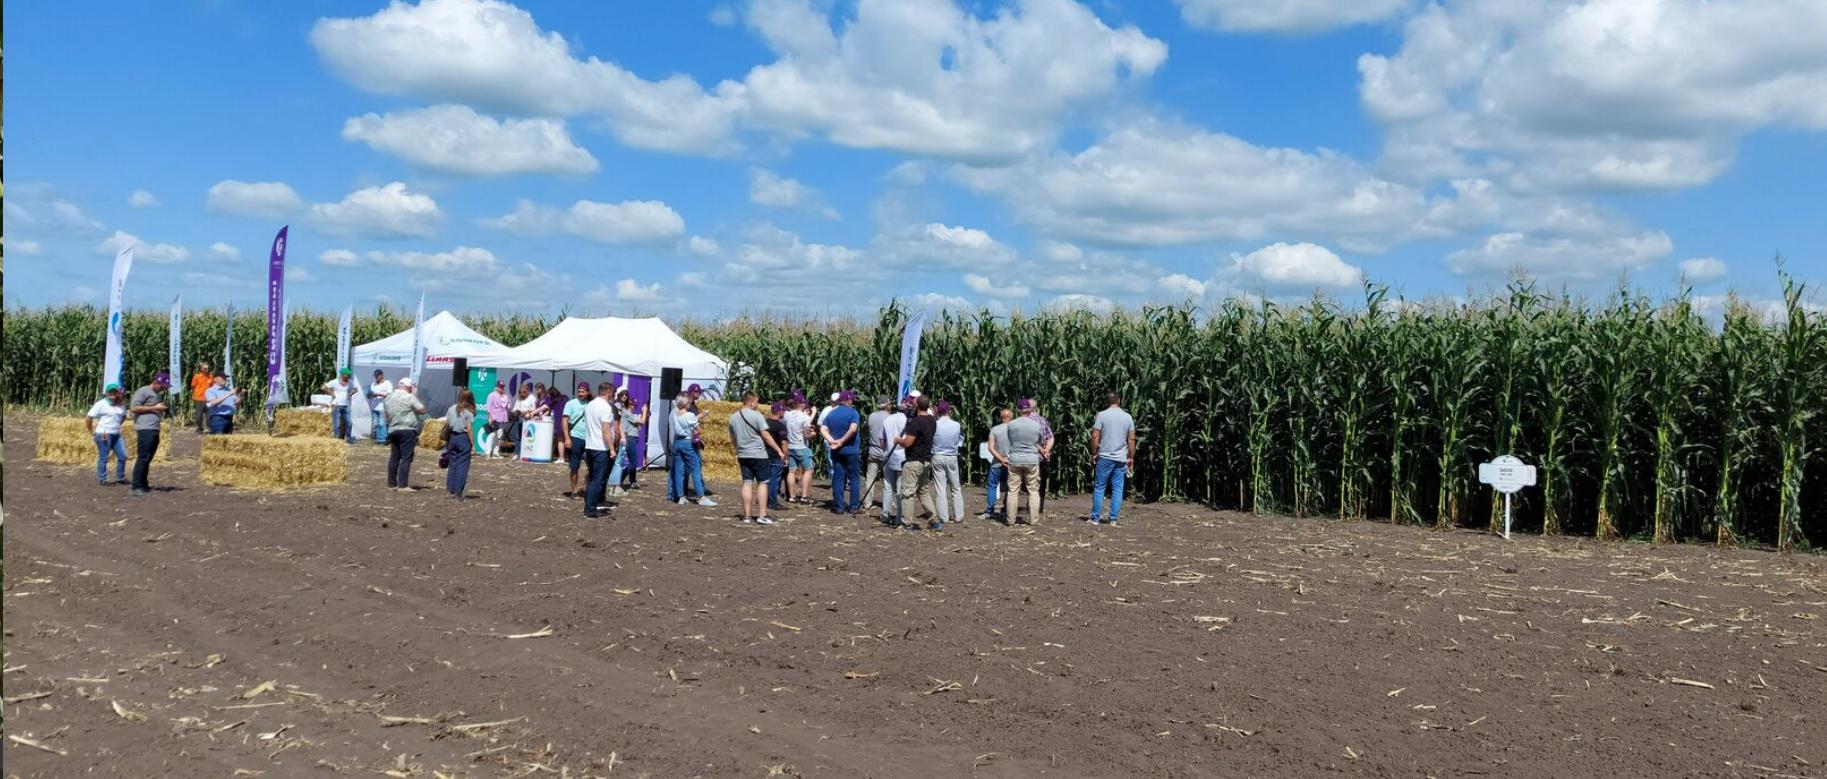 Не існує кукурудзи подвійних стандартів — ПРО ПЕРЕВАГИ СИЛОСНИХ ГІБРИДІВ UNIVERSEED фото 2 LNZ Group